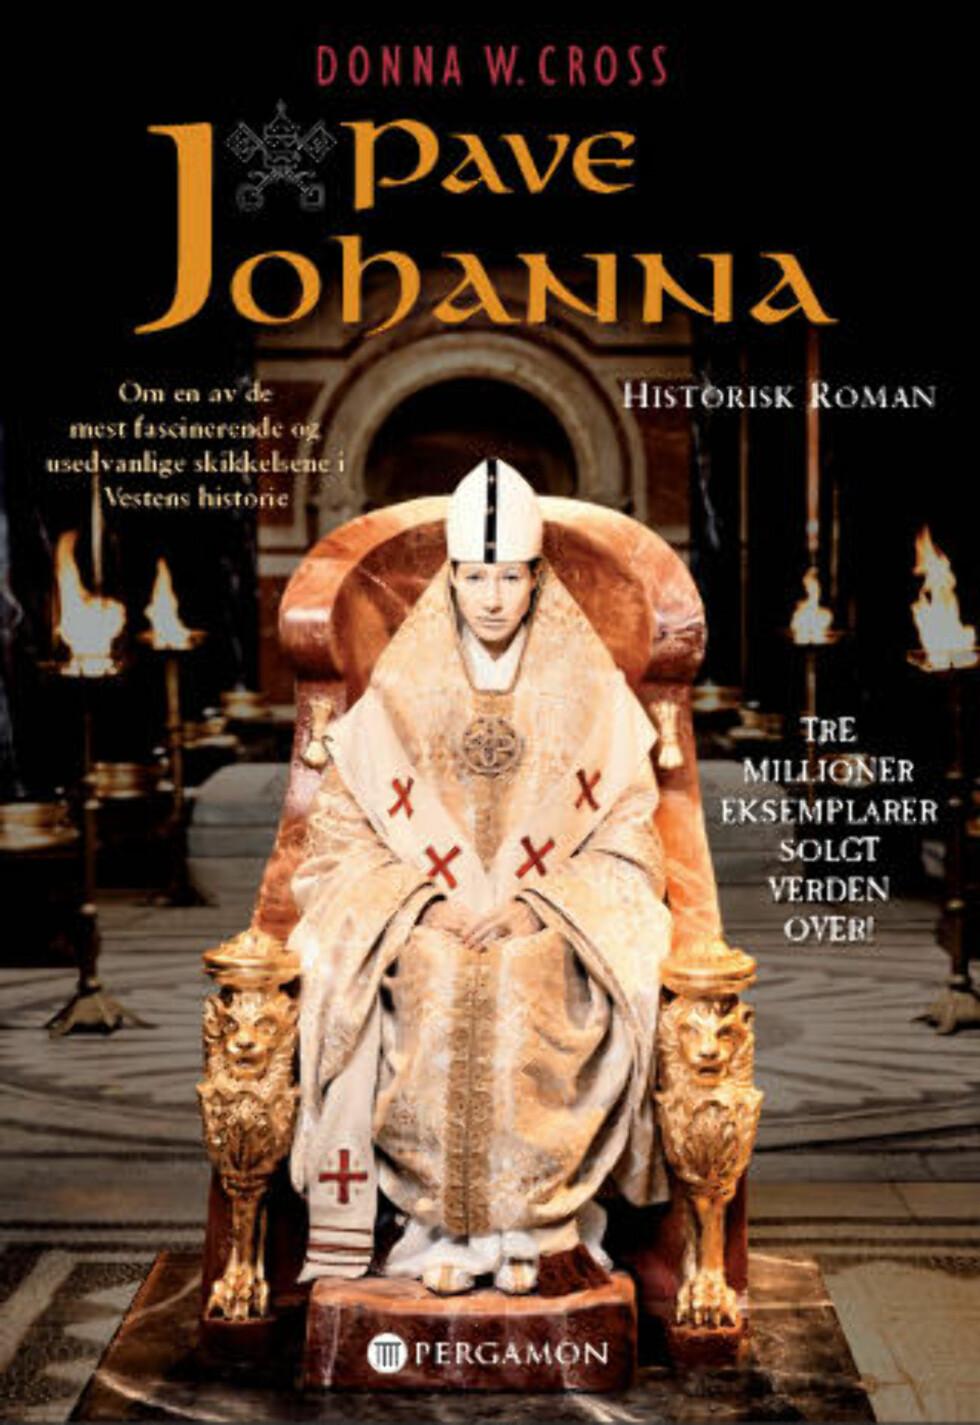 Satt en kvinne som pave i den mørke middelalder?